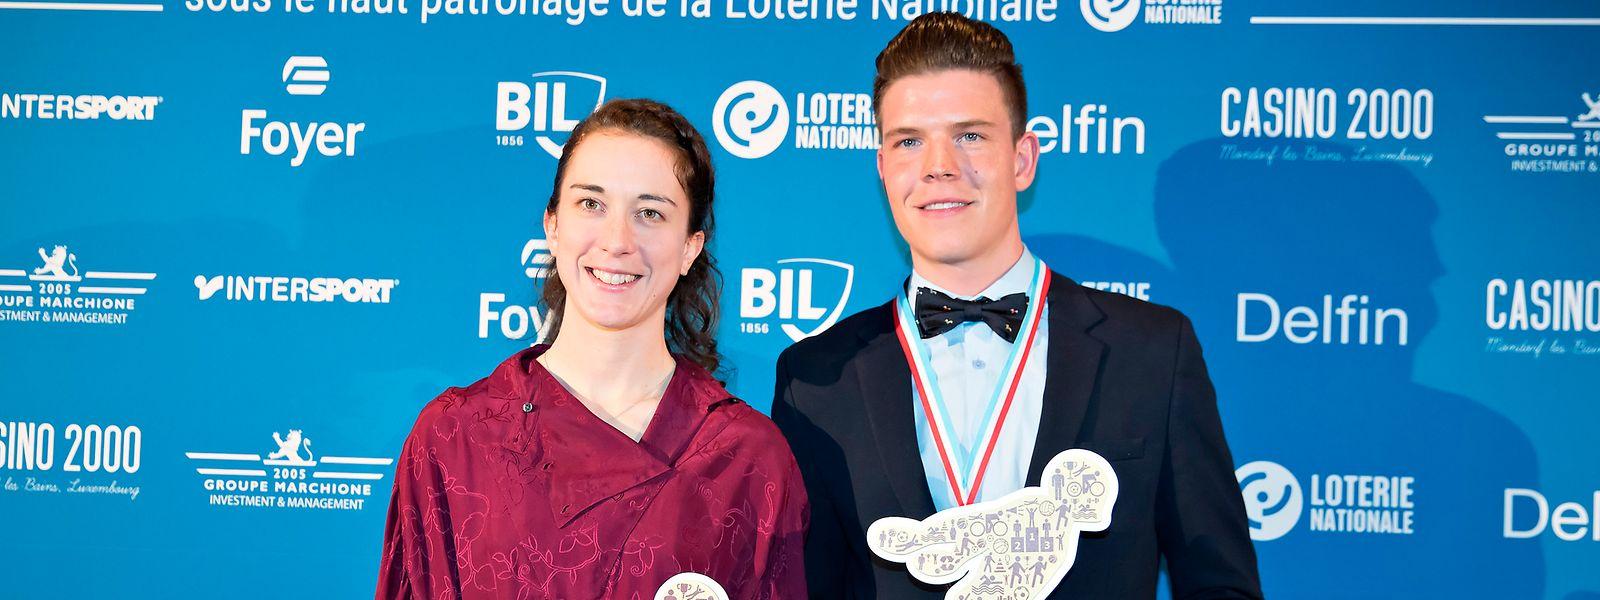 Die Radsportler stehen ganz oben: Christine Majerus und Bob Jungels sind Luxemburgs Sportler des Jahres.